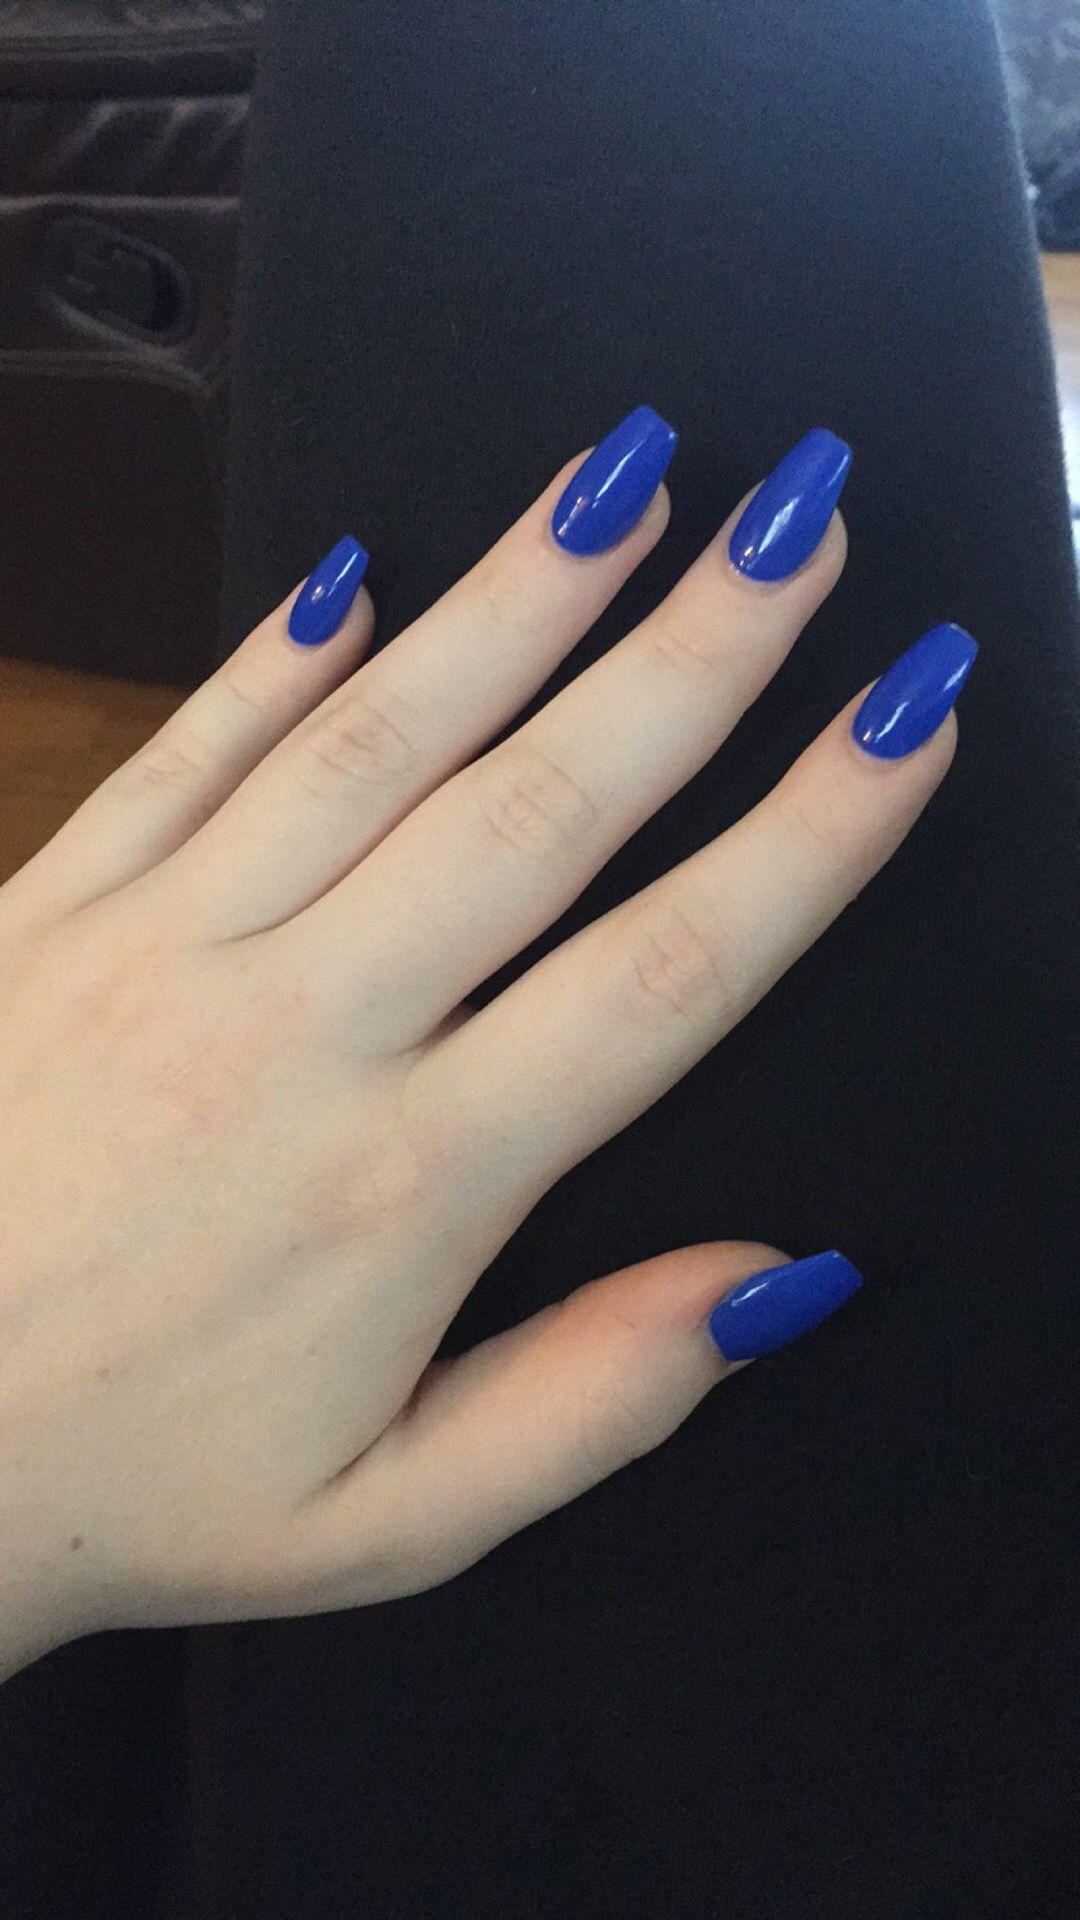 Royal Blue Coffins Royal Blue Nails Blue Acrylic Nails Blue Nails